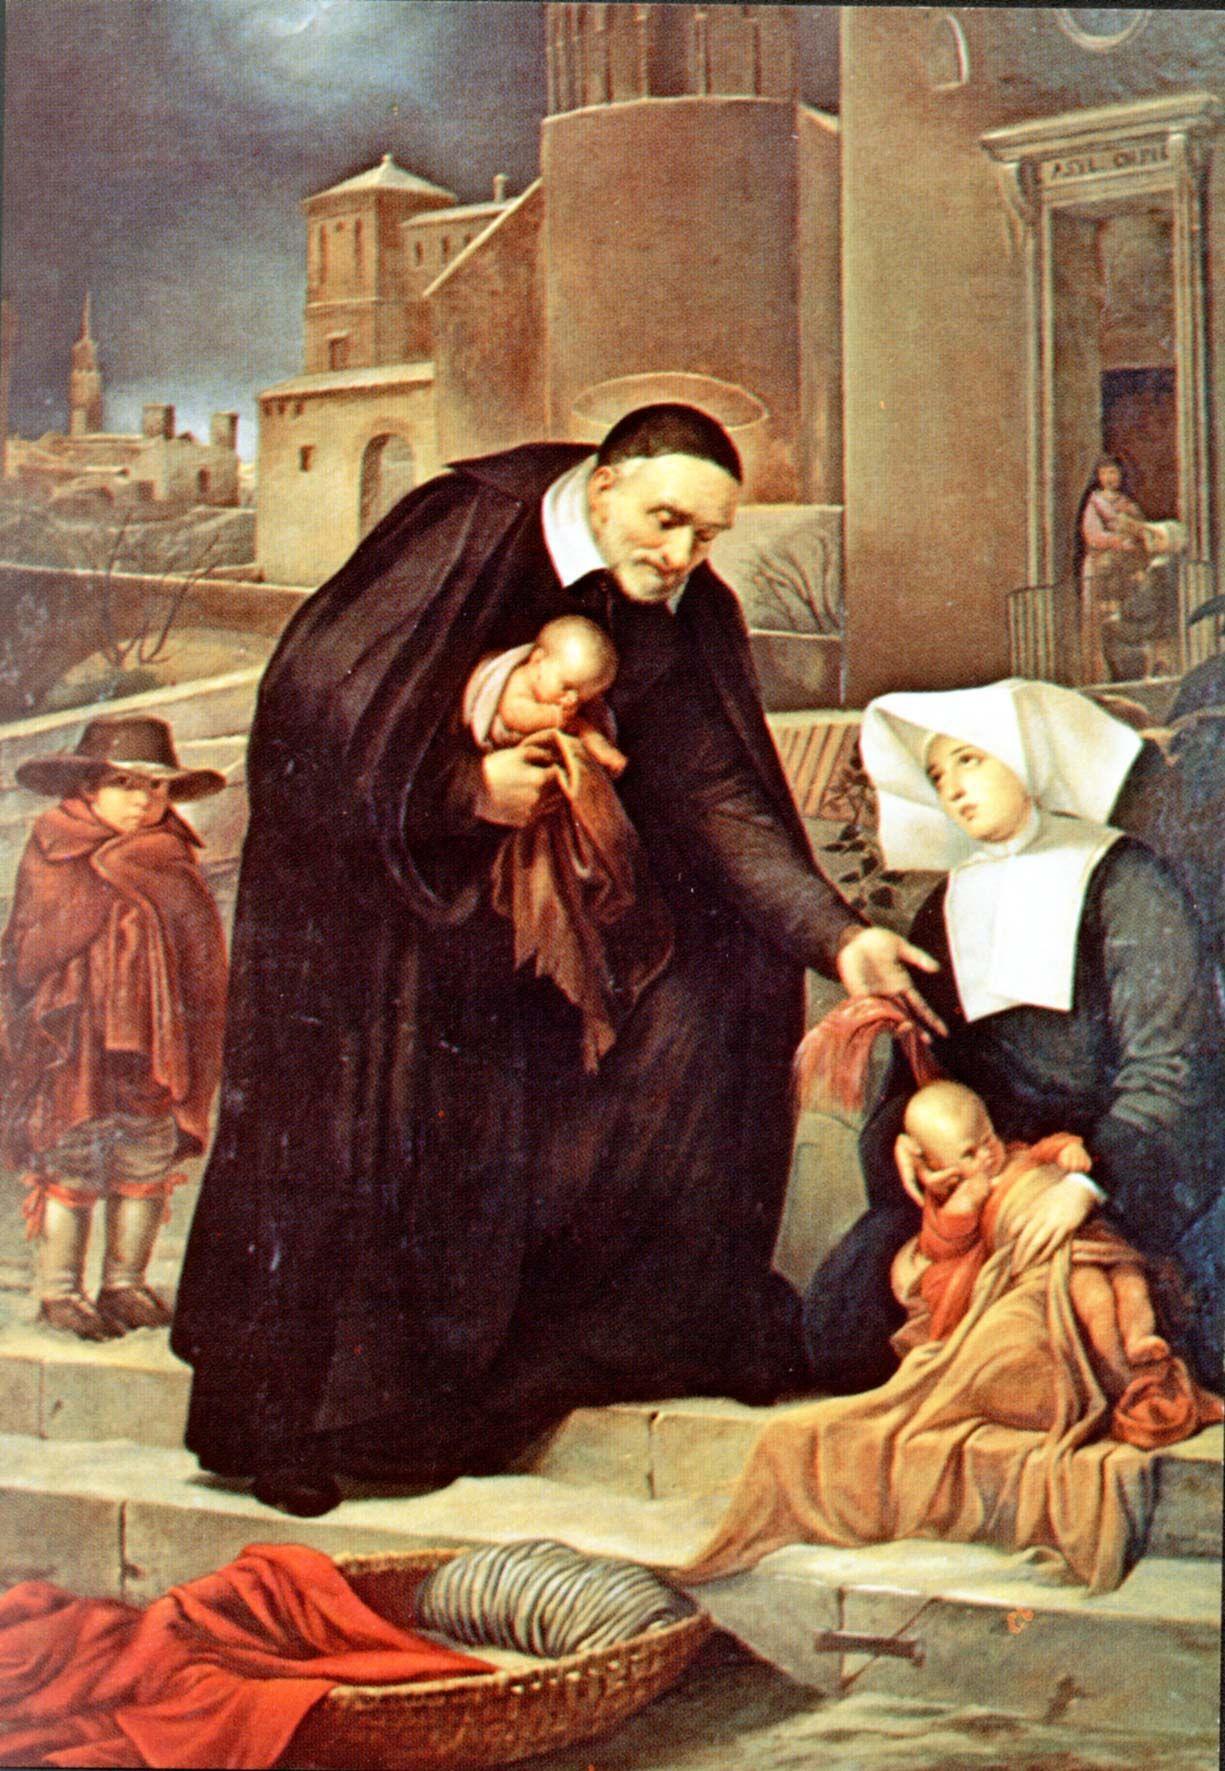 Saint Vincent De Paul Ring For The Poor Of Paris